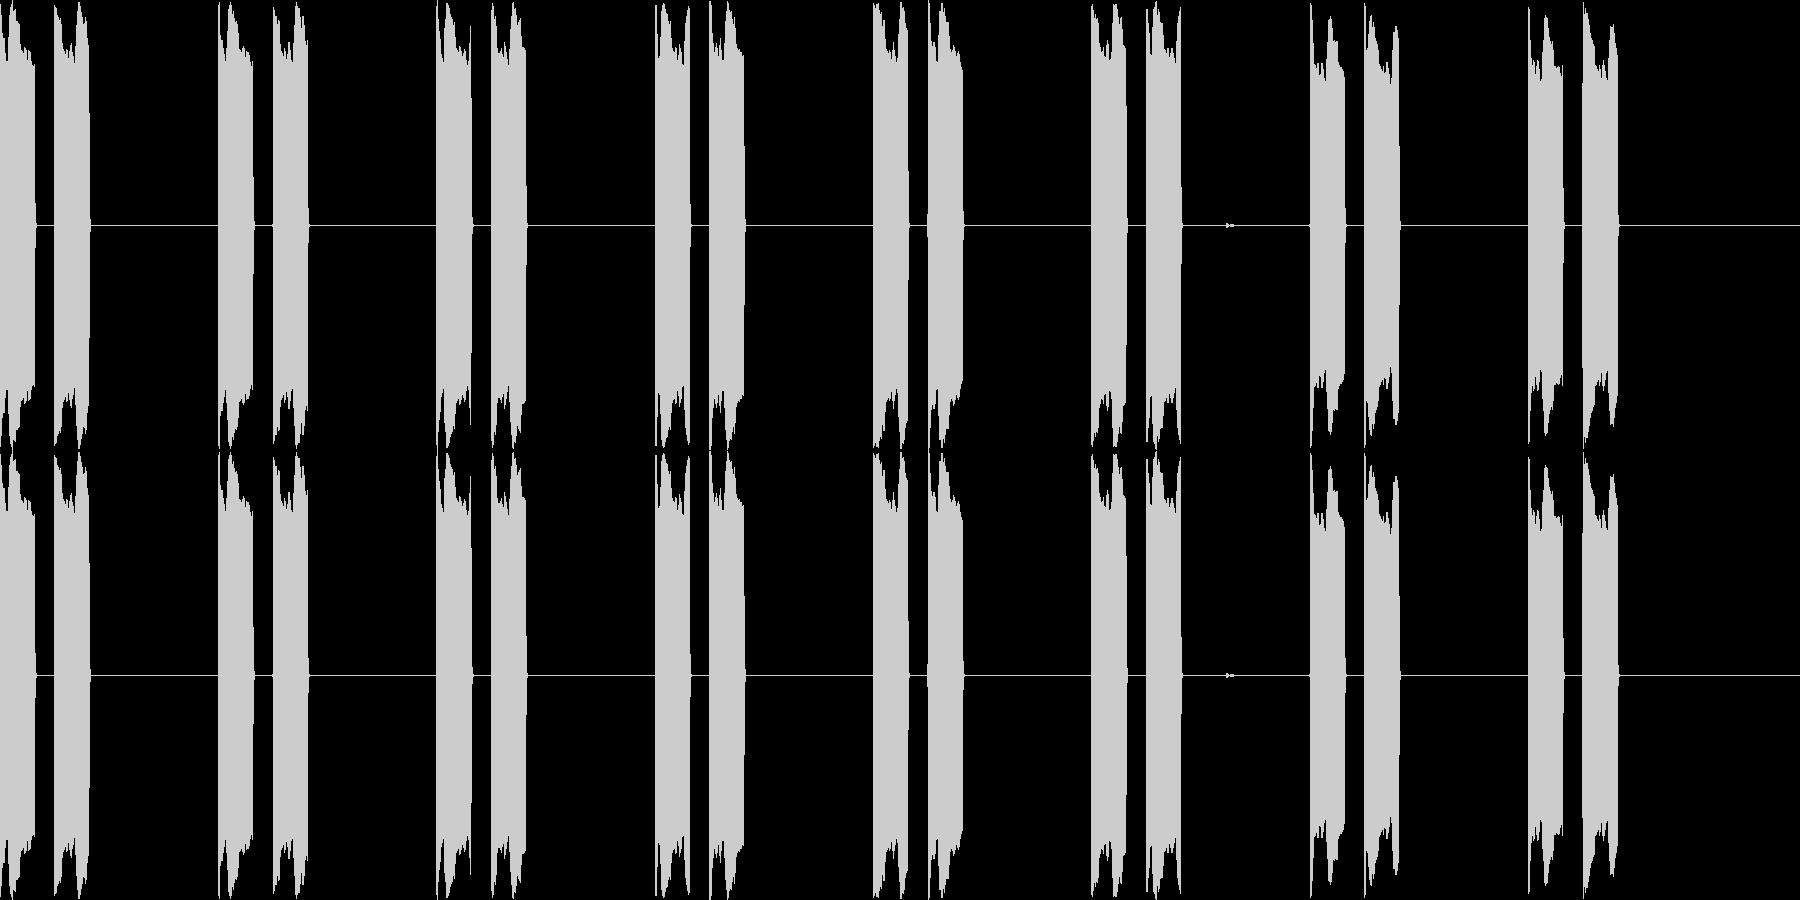 ピーピー(電子音、機械音)の未再生の波形